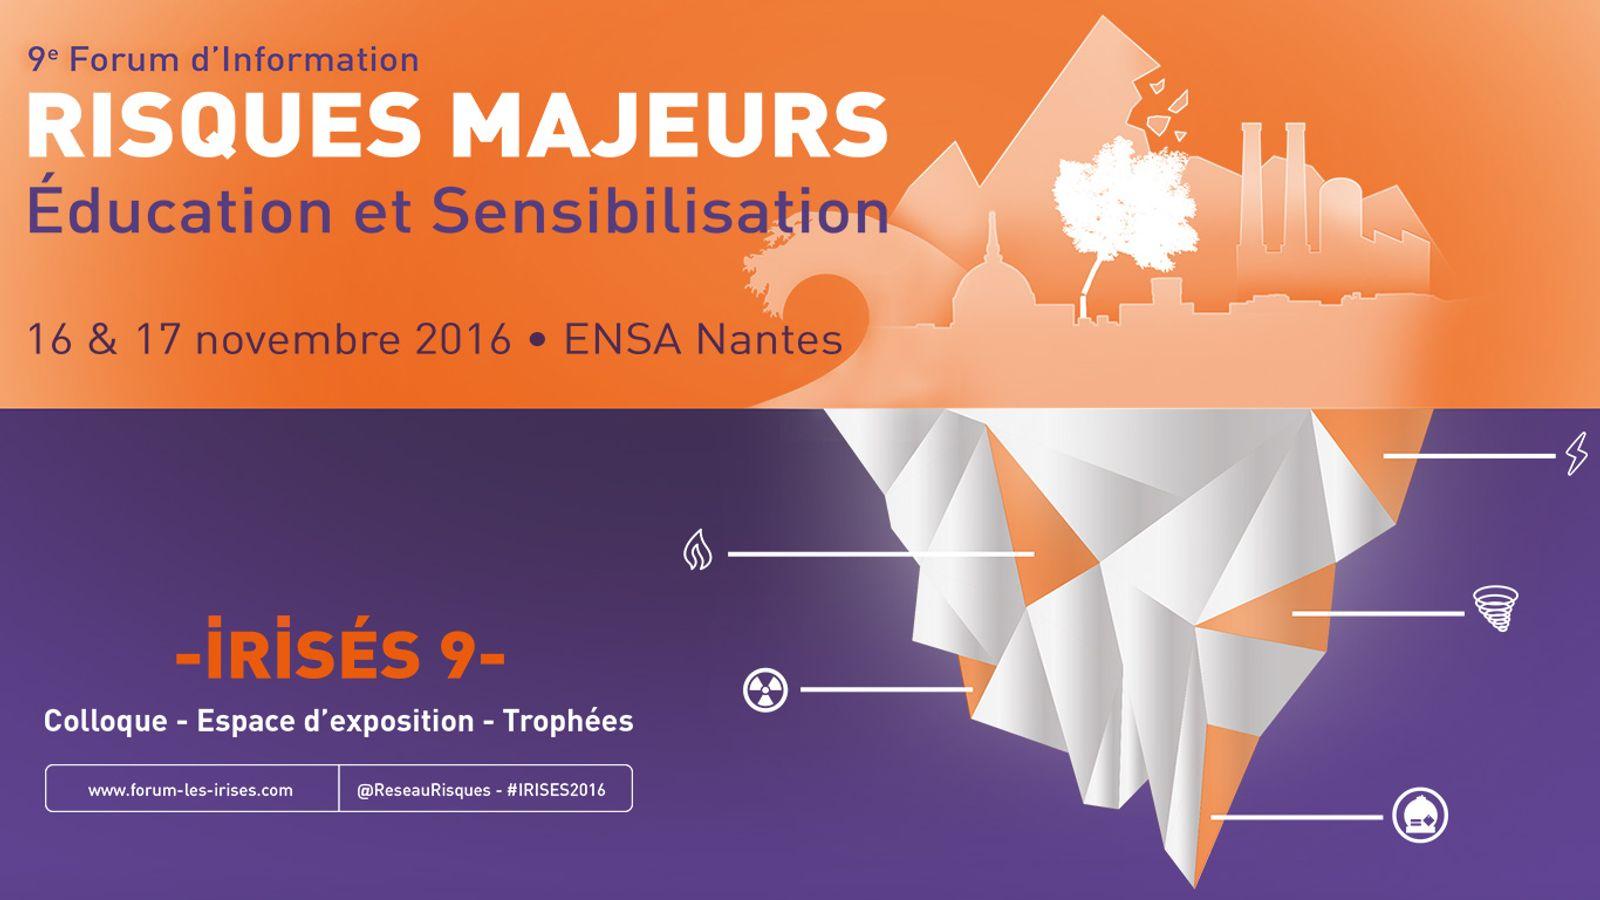 9e Forum d'Information sur les Risques majeurs, Éducation et Sensibilisation (IRISÉS) à Nantes